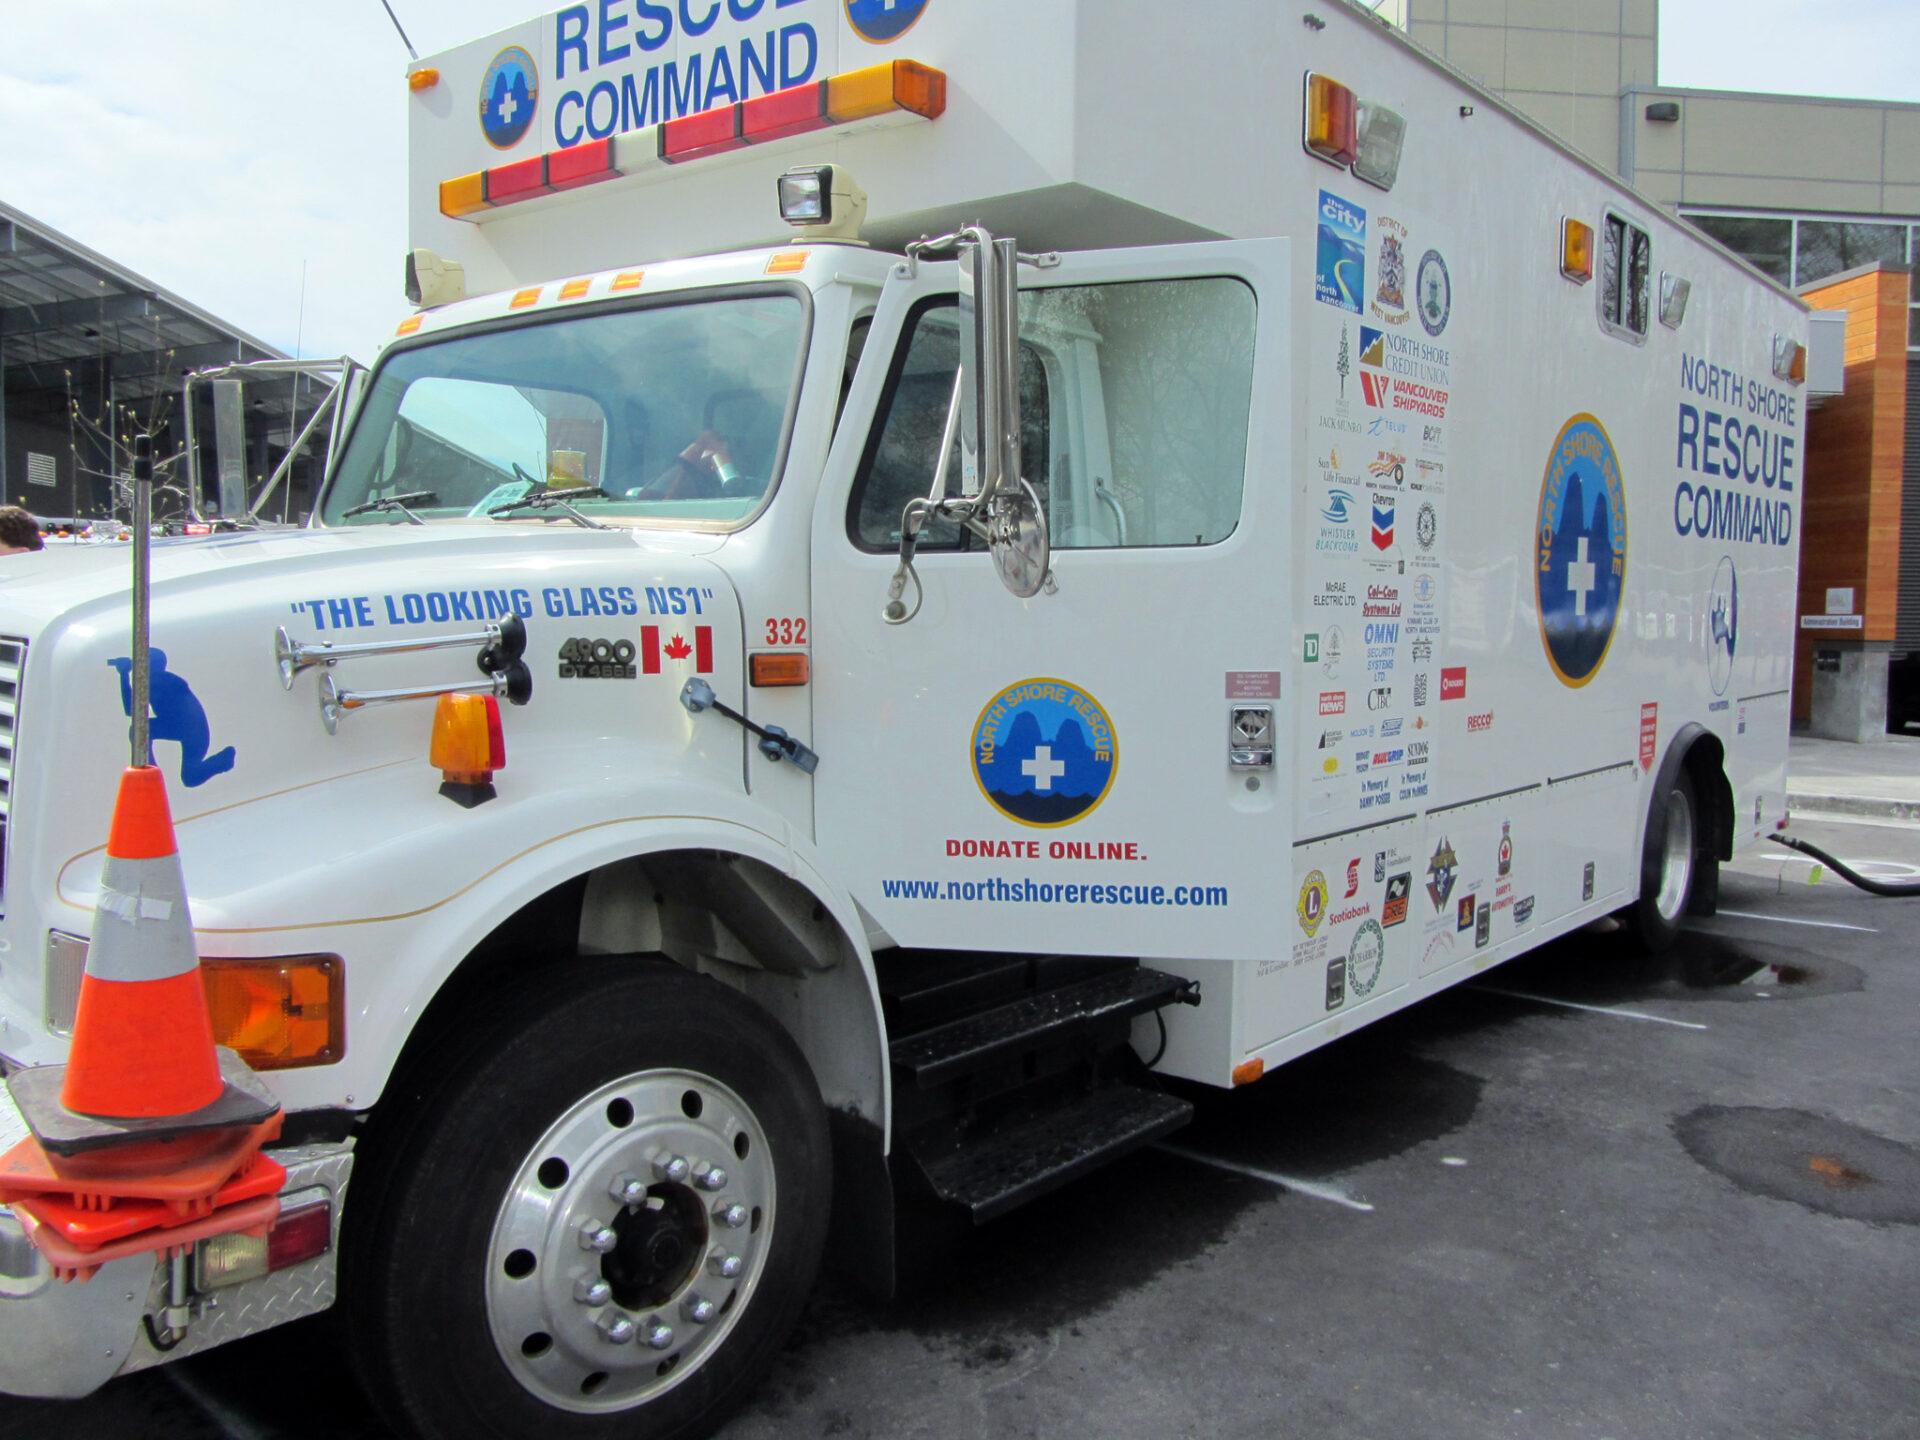 North Shore Rescue Mobile Command Truck